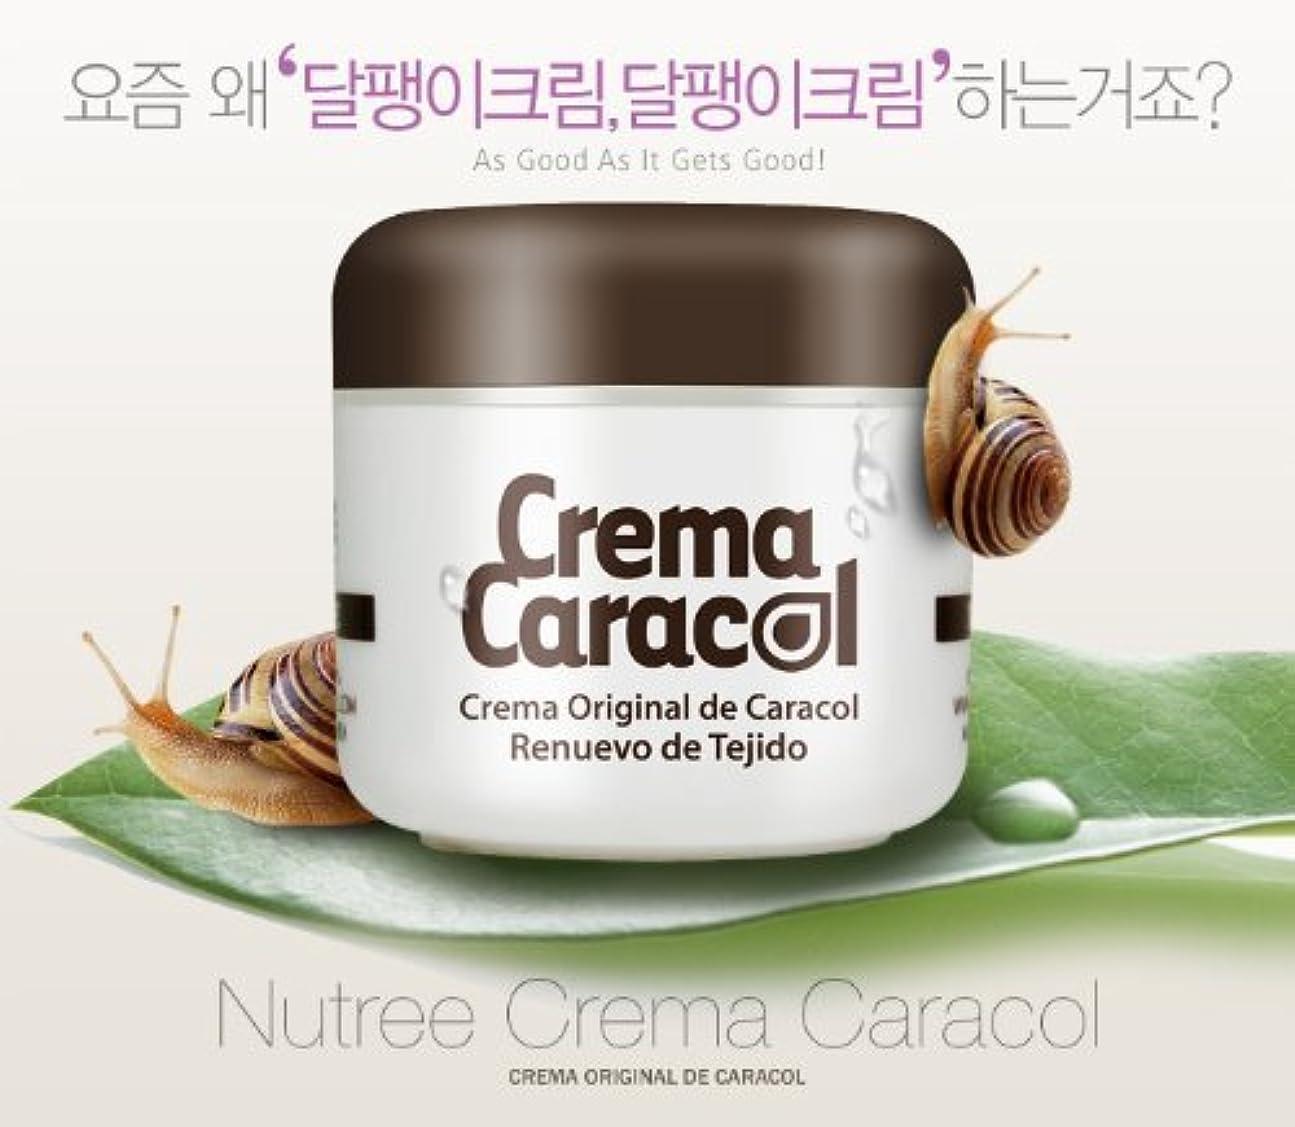 キャプテンヘビー特派員crema caracol(カラコール) かたつむりクリーム 5個セット